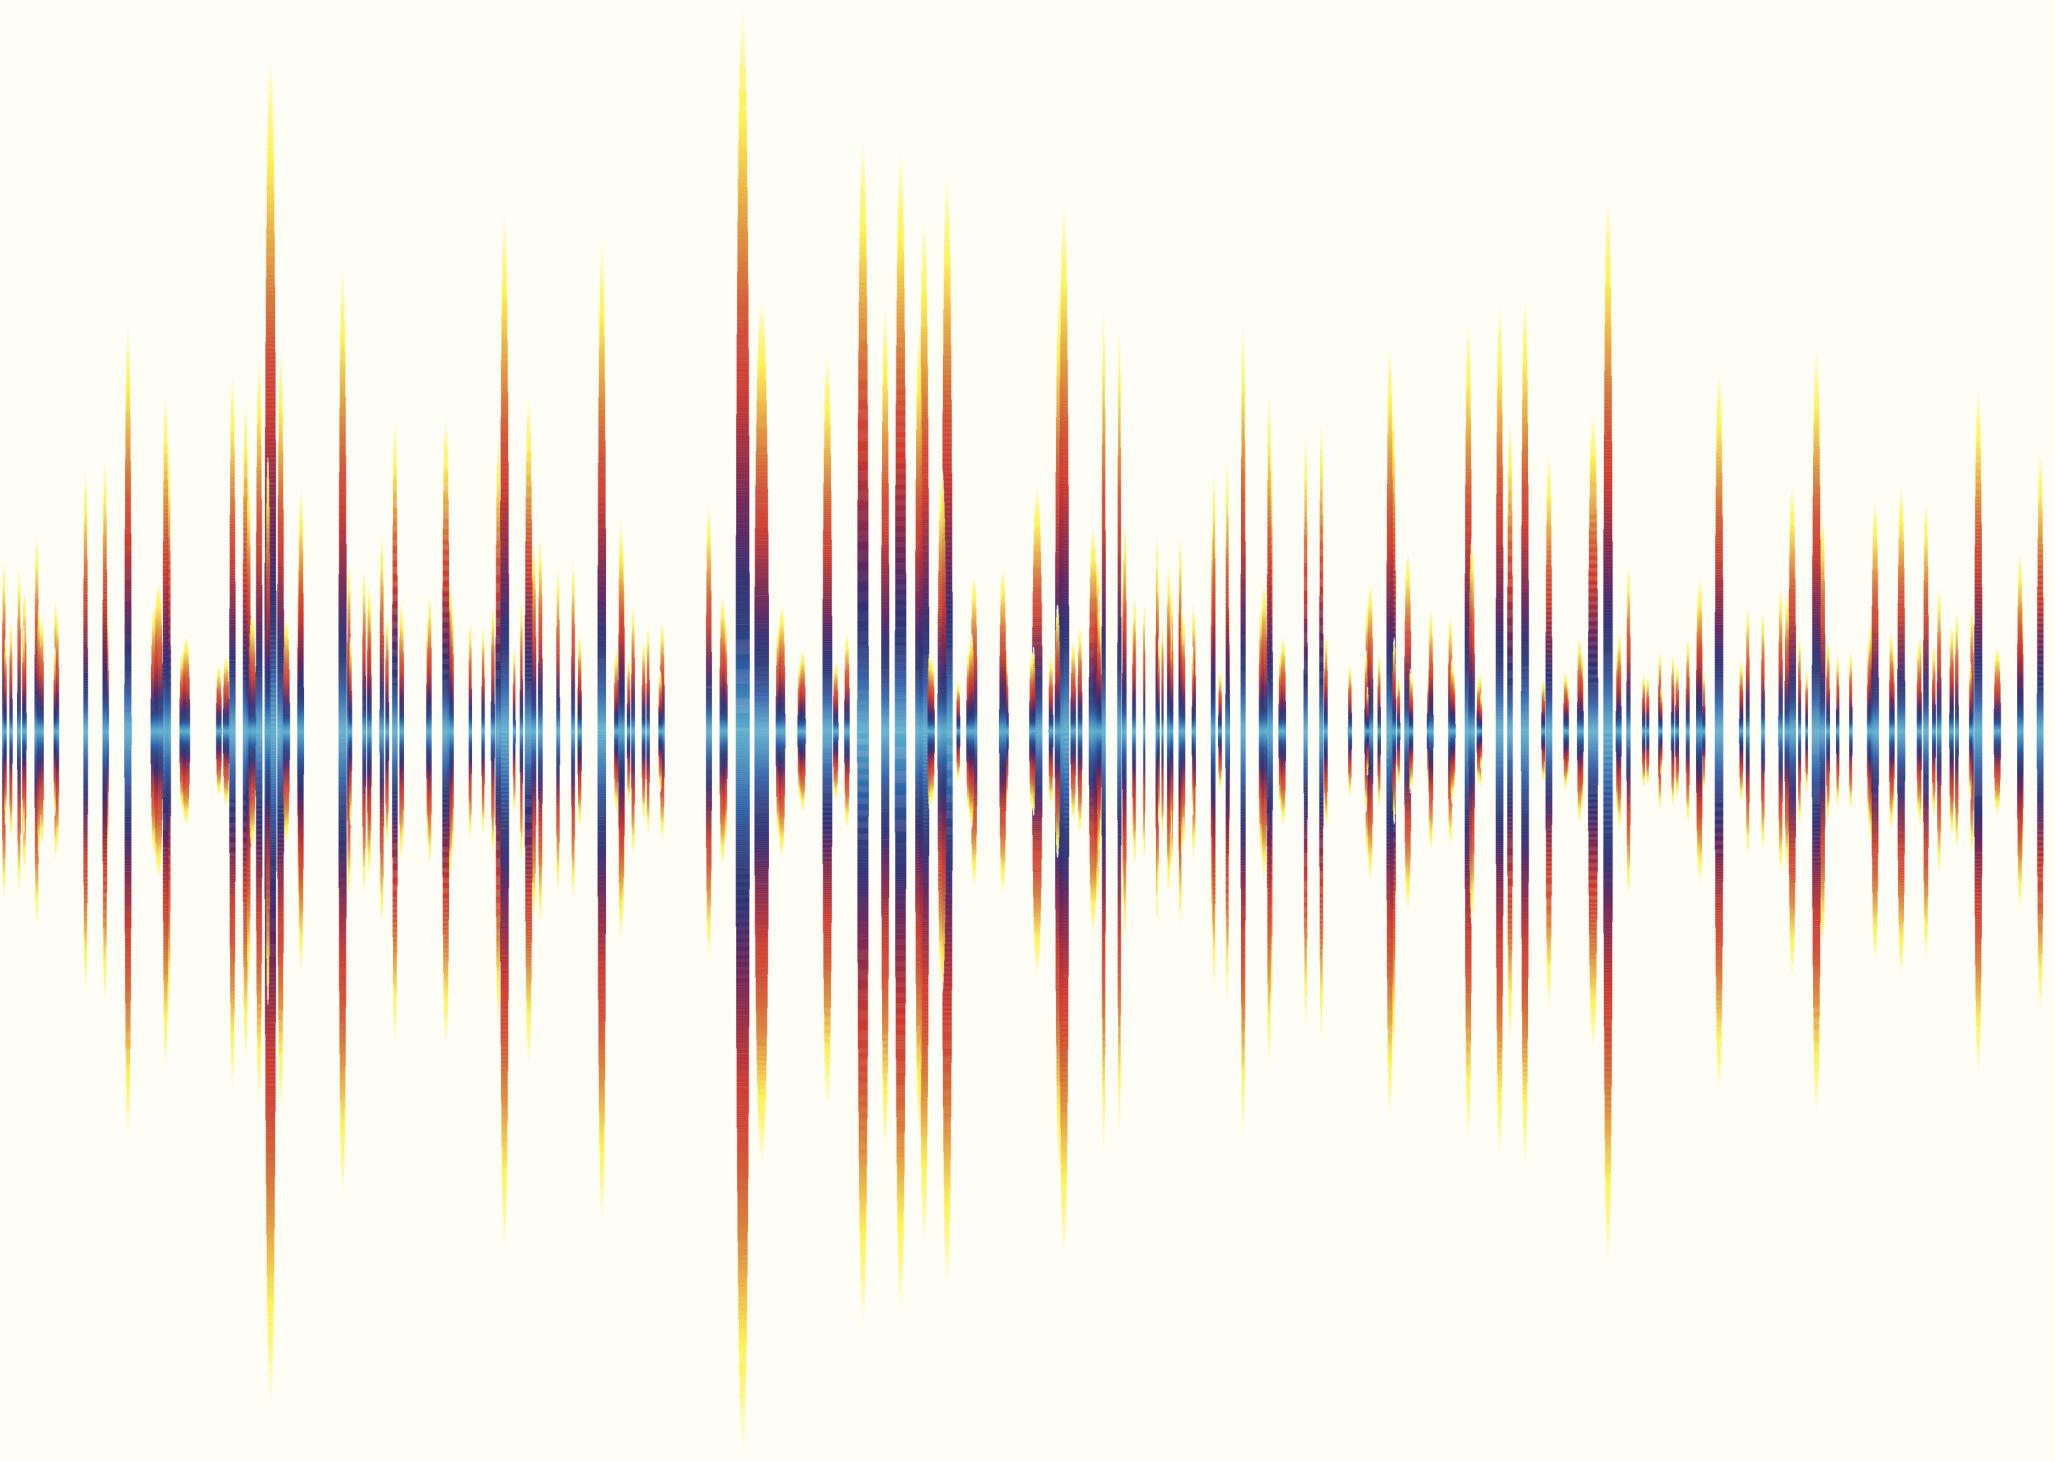 ¿Qué propiedad de una onda sonora determina el volumen de un sonido?